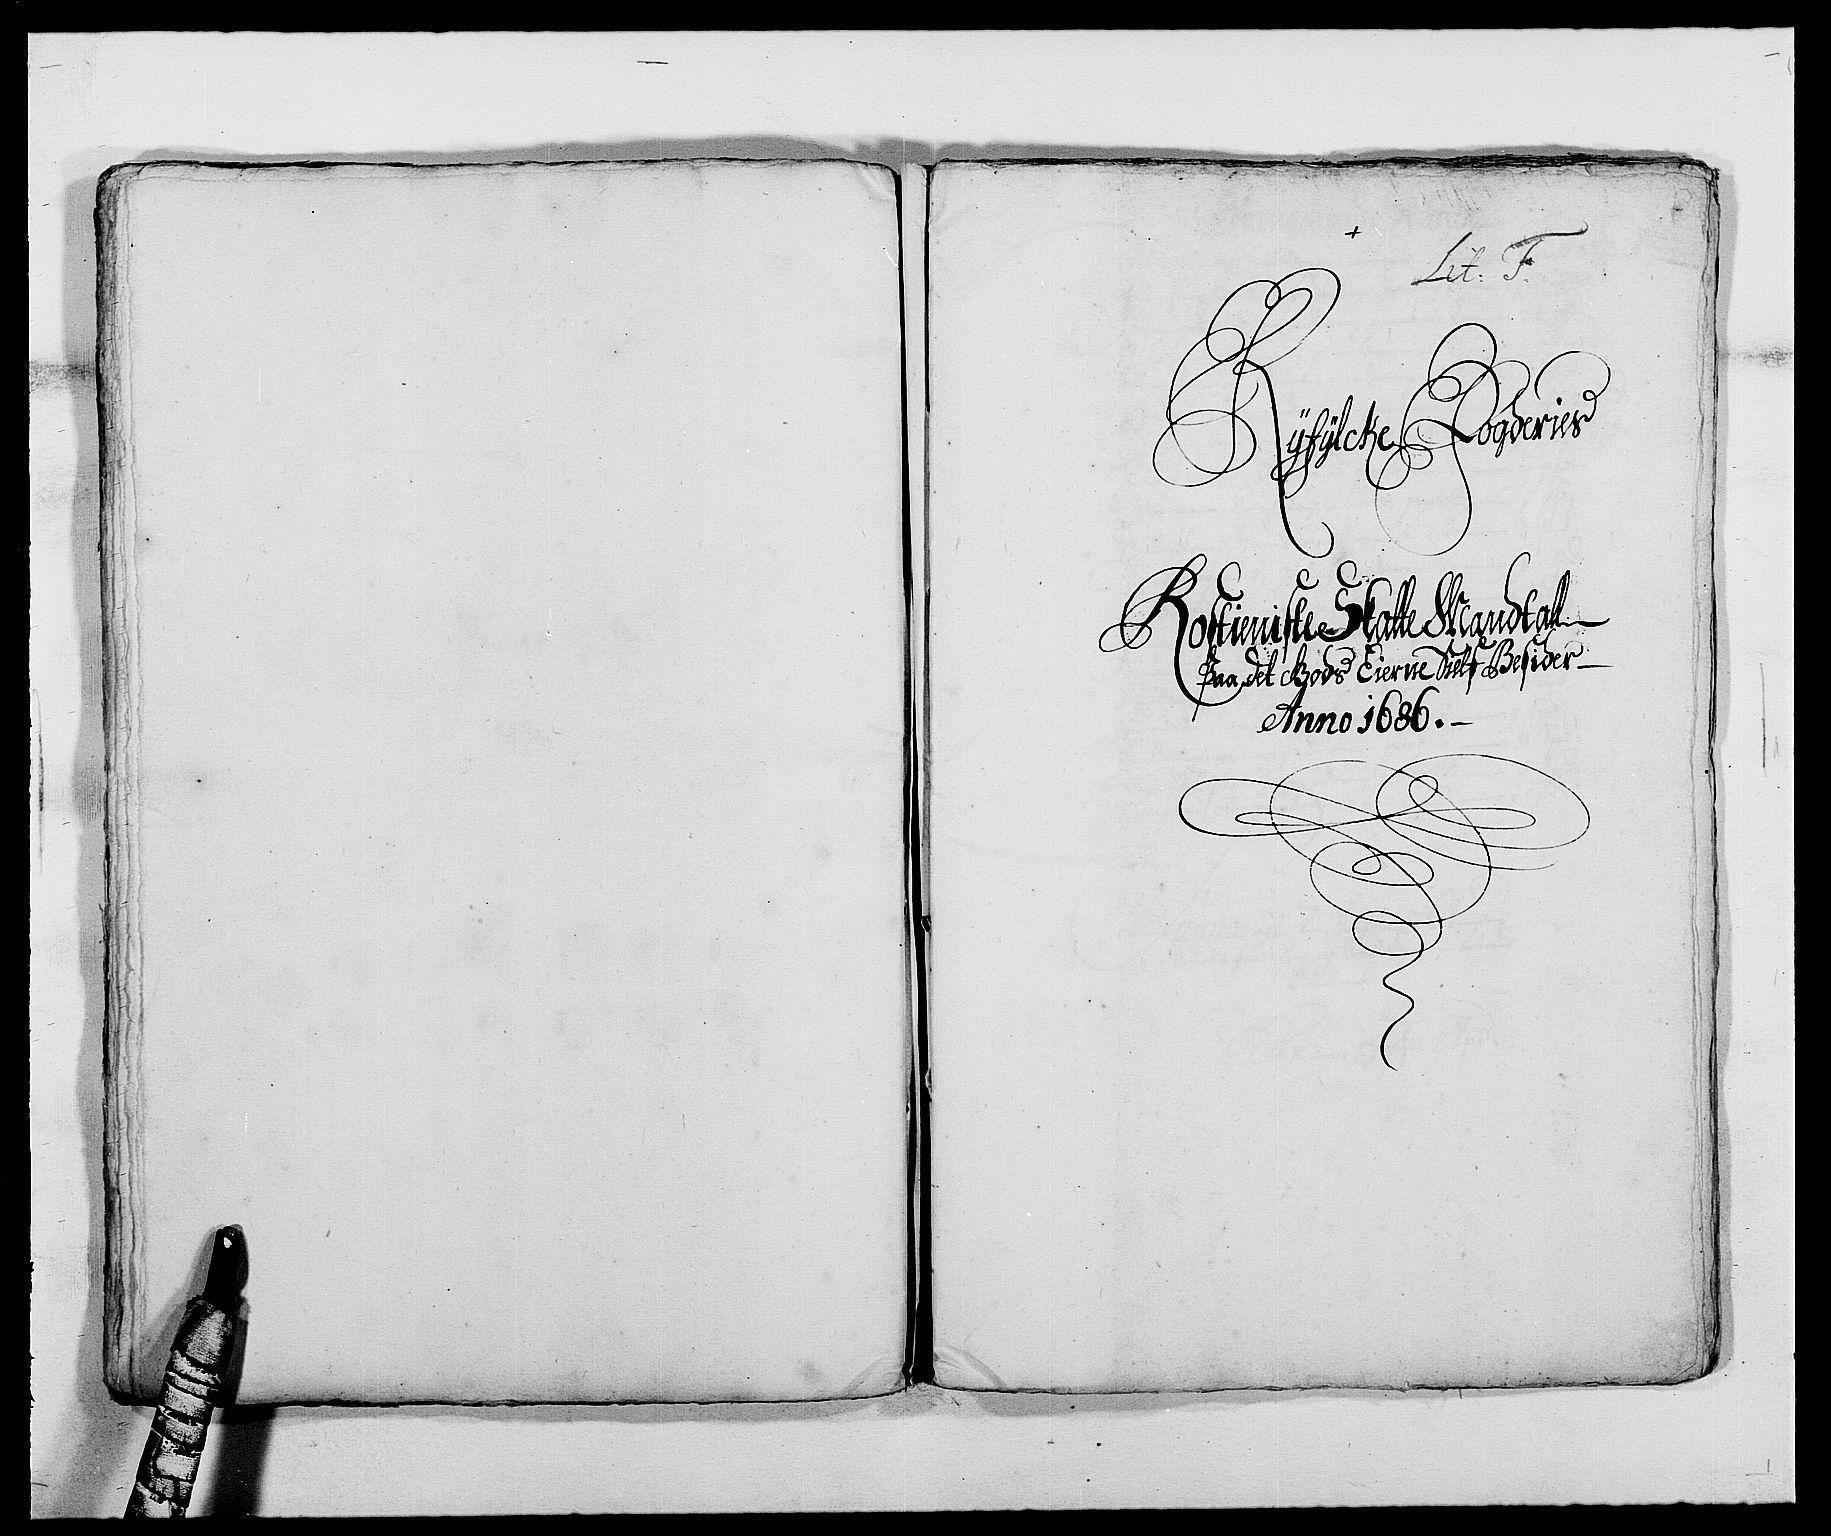 RA, Rentekammeret inntil 1814, Reviderte regnskaper, Fogderegnskap, R47/L2855: Fogderegnskap Ryfylke, 1685-1688, s. 165